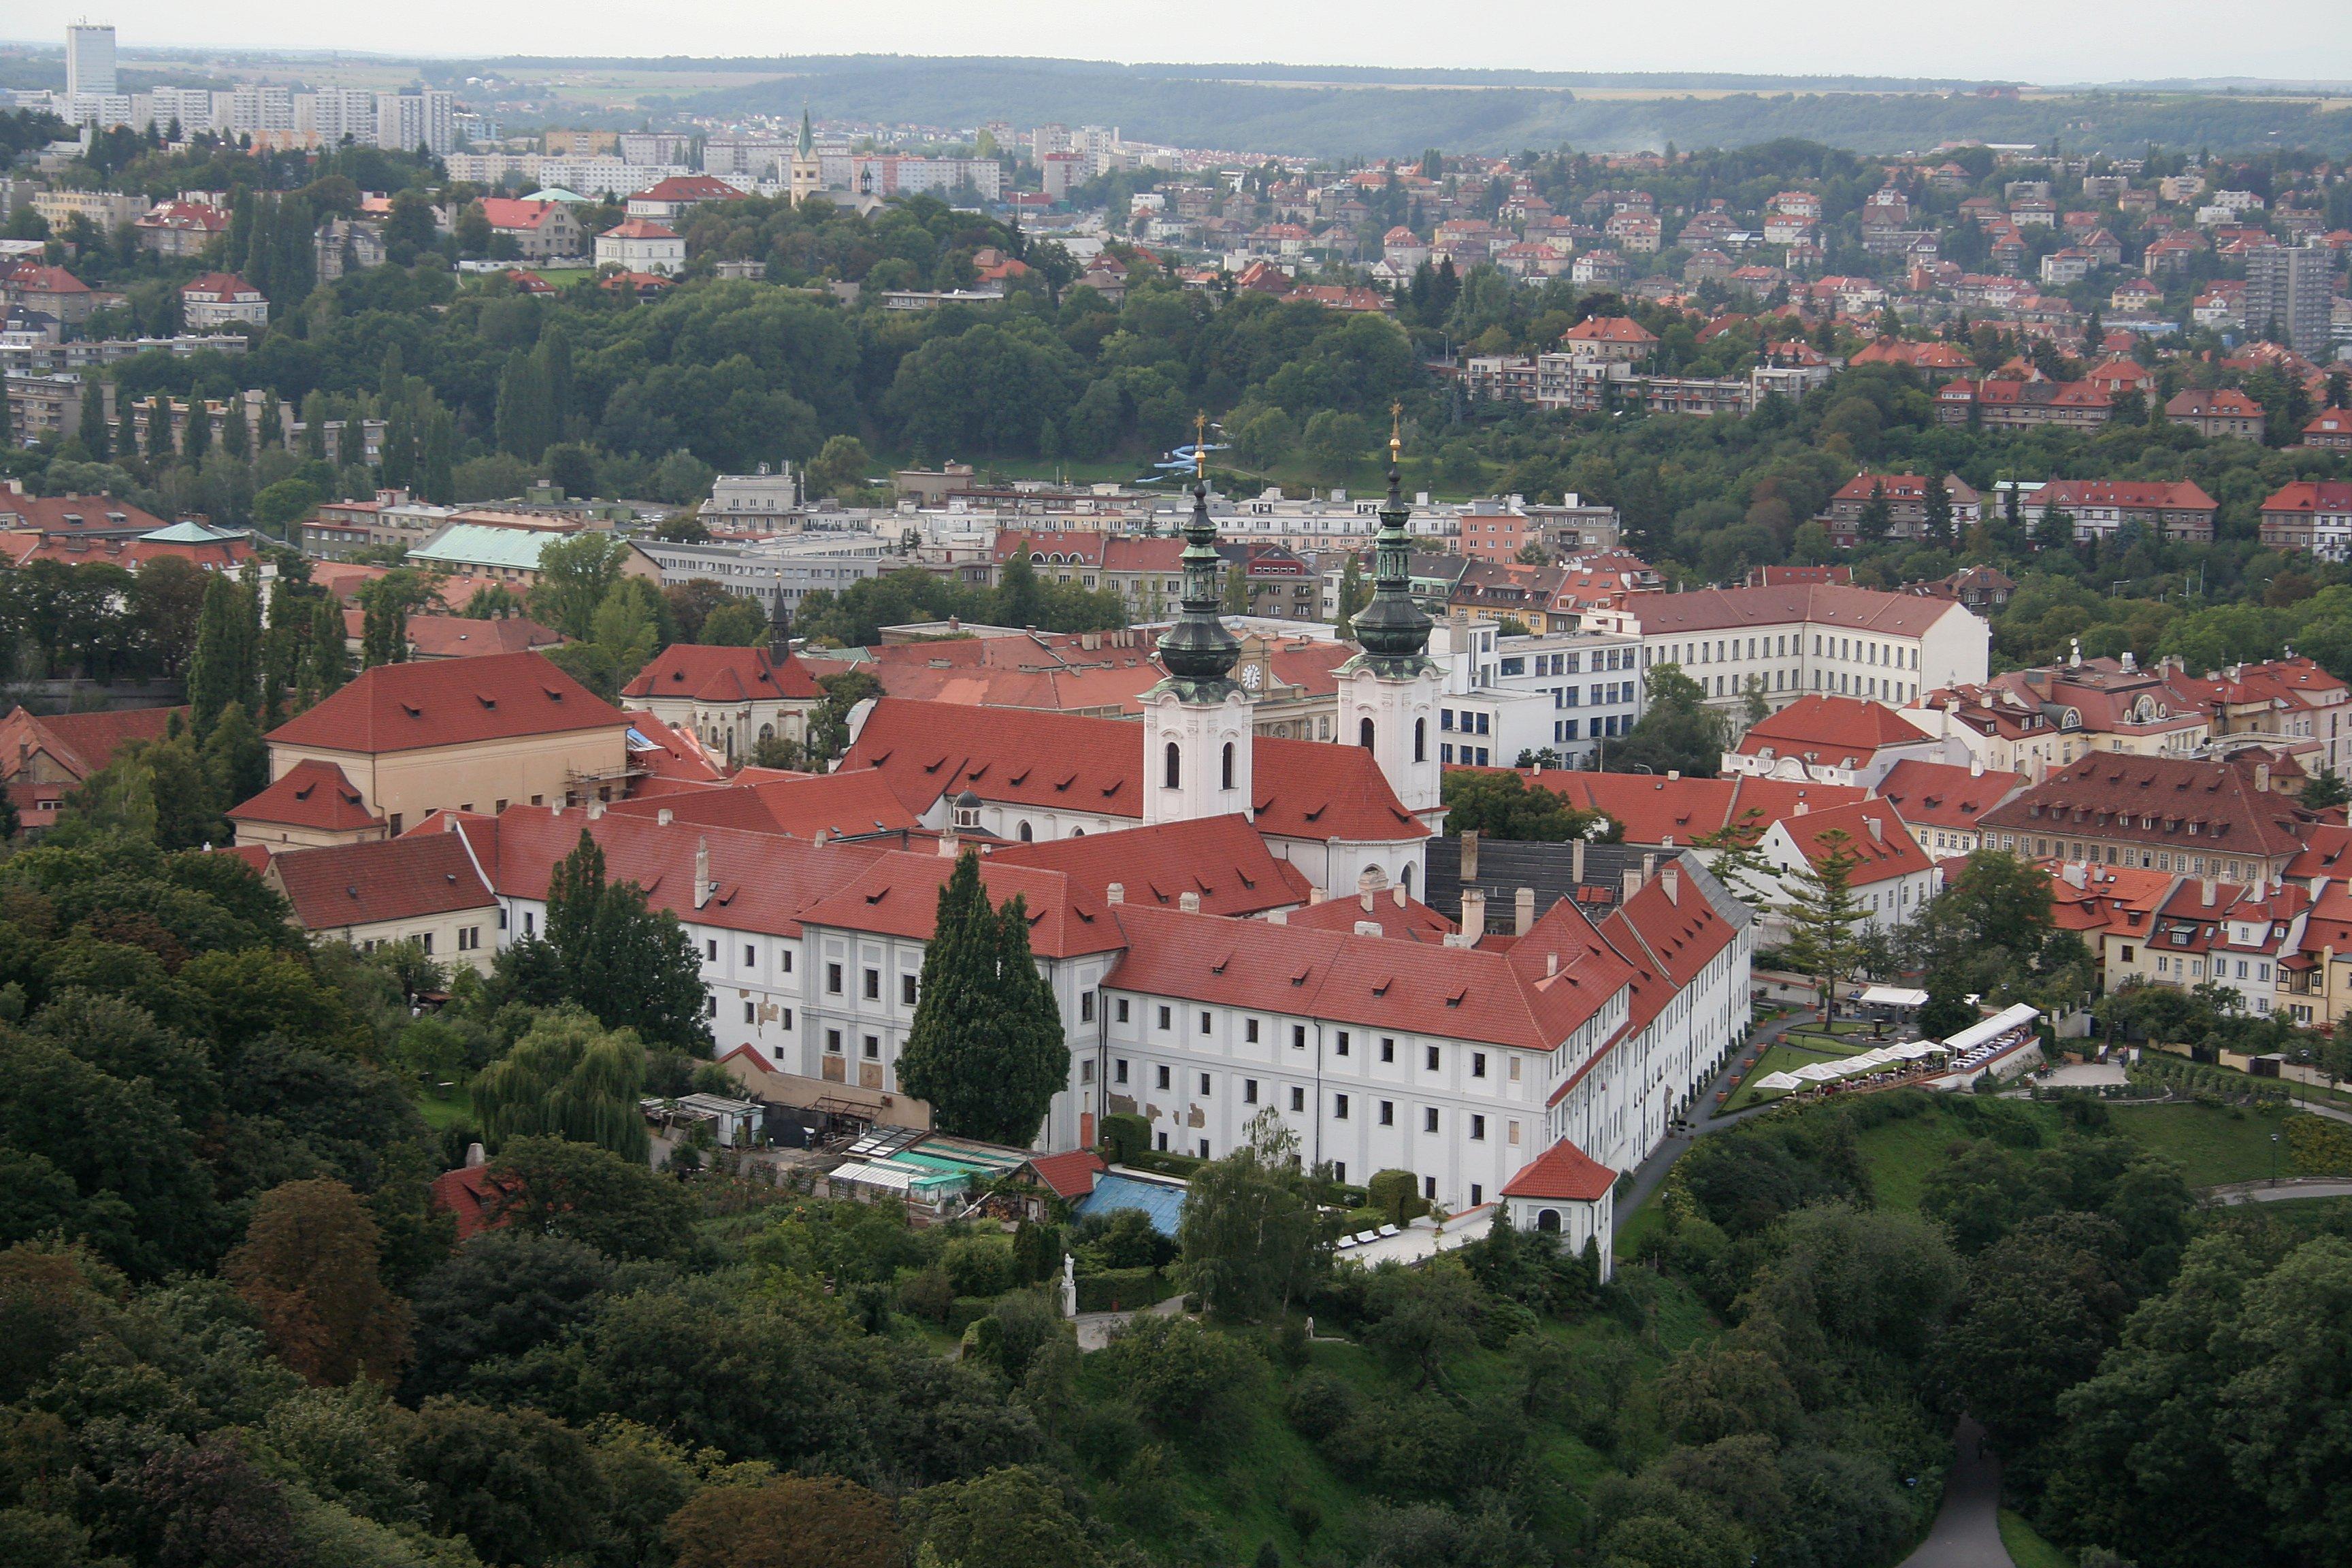 Klaster Praha File:praha Strahovsky Klaster